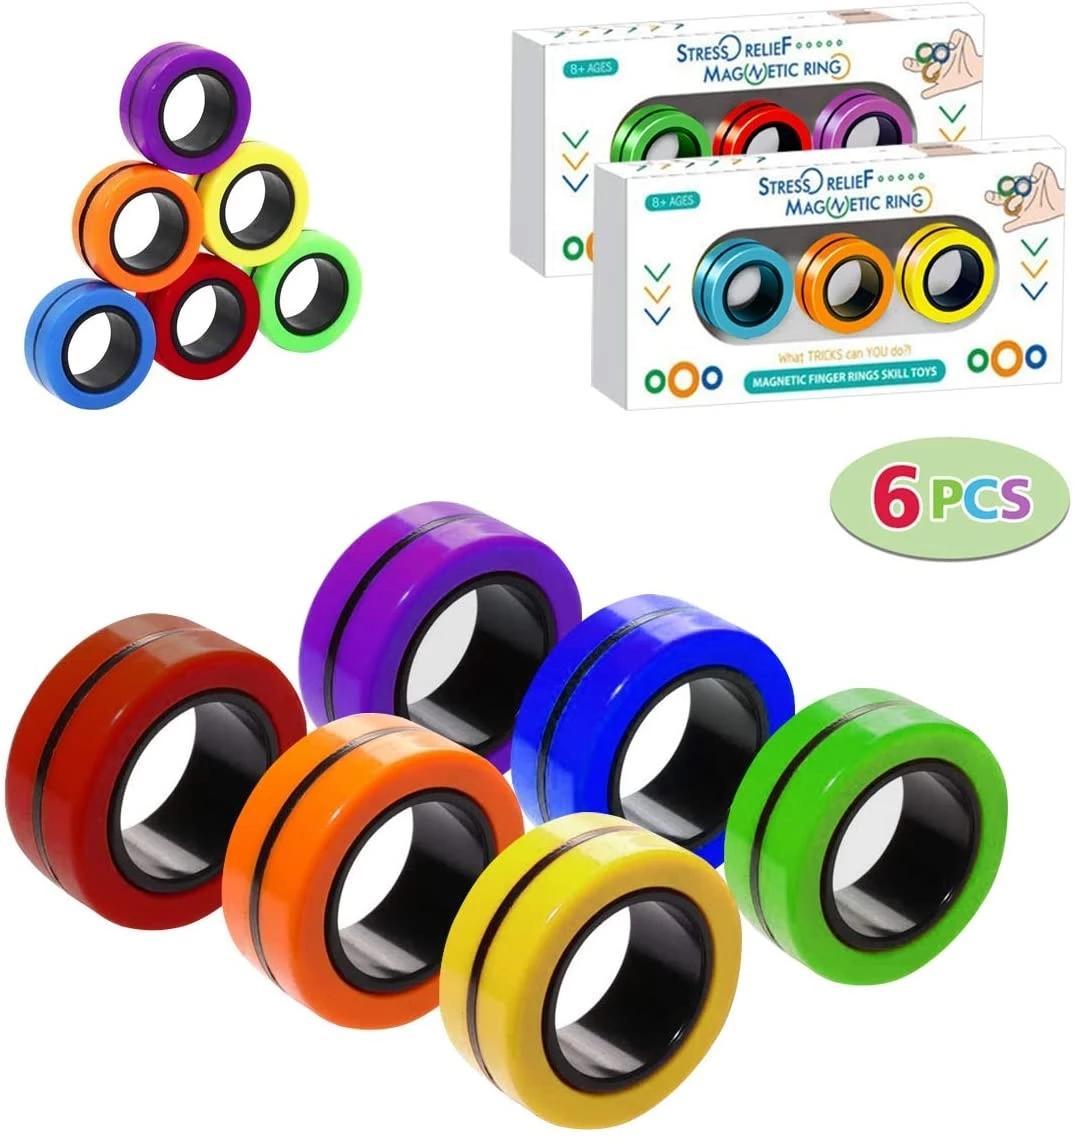 Anelli magnetici anti-stress anelli magnetici per bambini Decompressione giocattoli giocattoli magici anello puntelli strumenti per autismo adhd ansia rilievo focus CPA3298